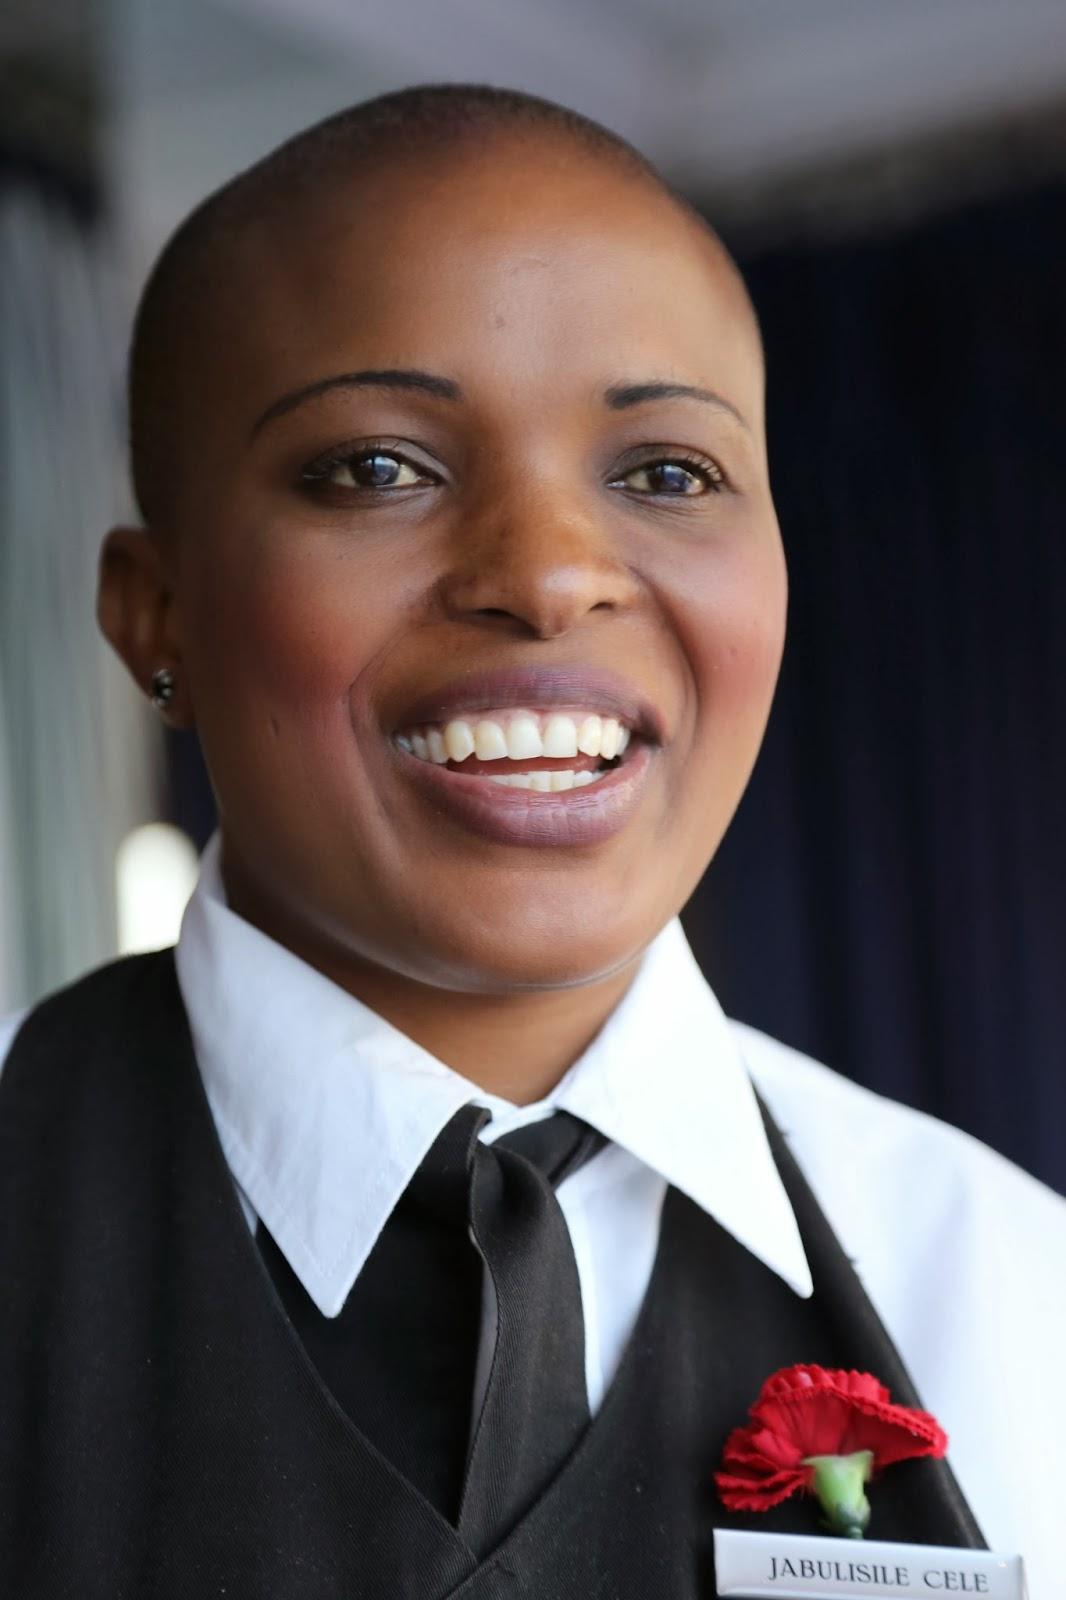 Waitress at the 12 apostles hotel